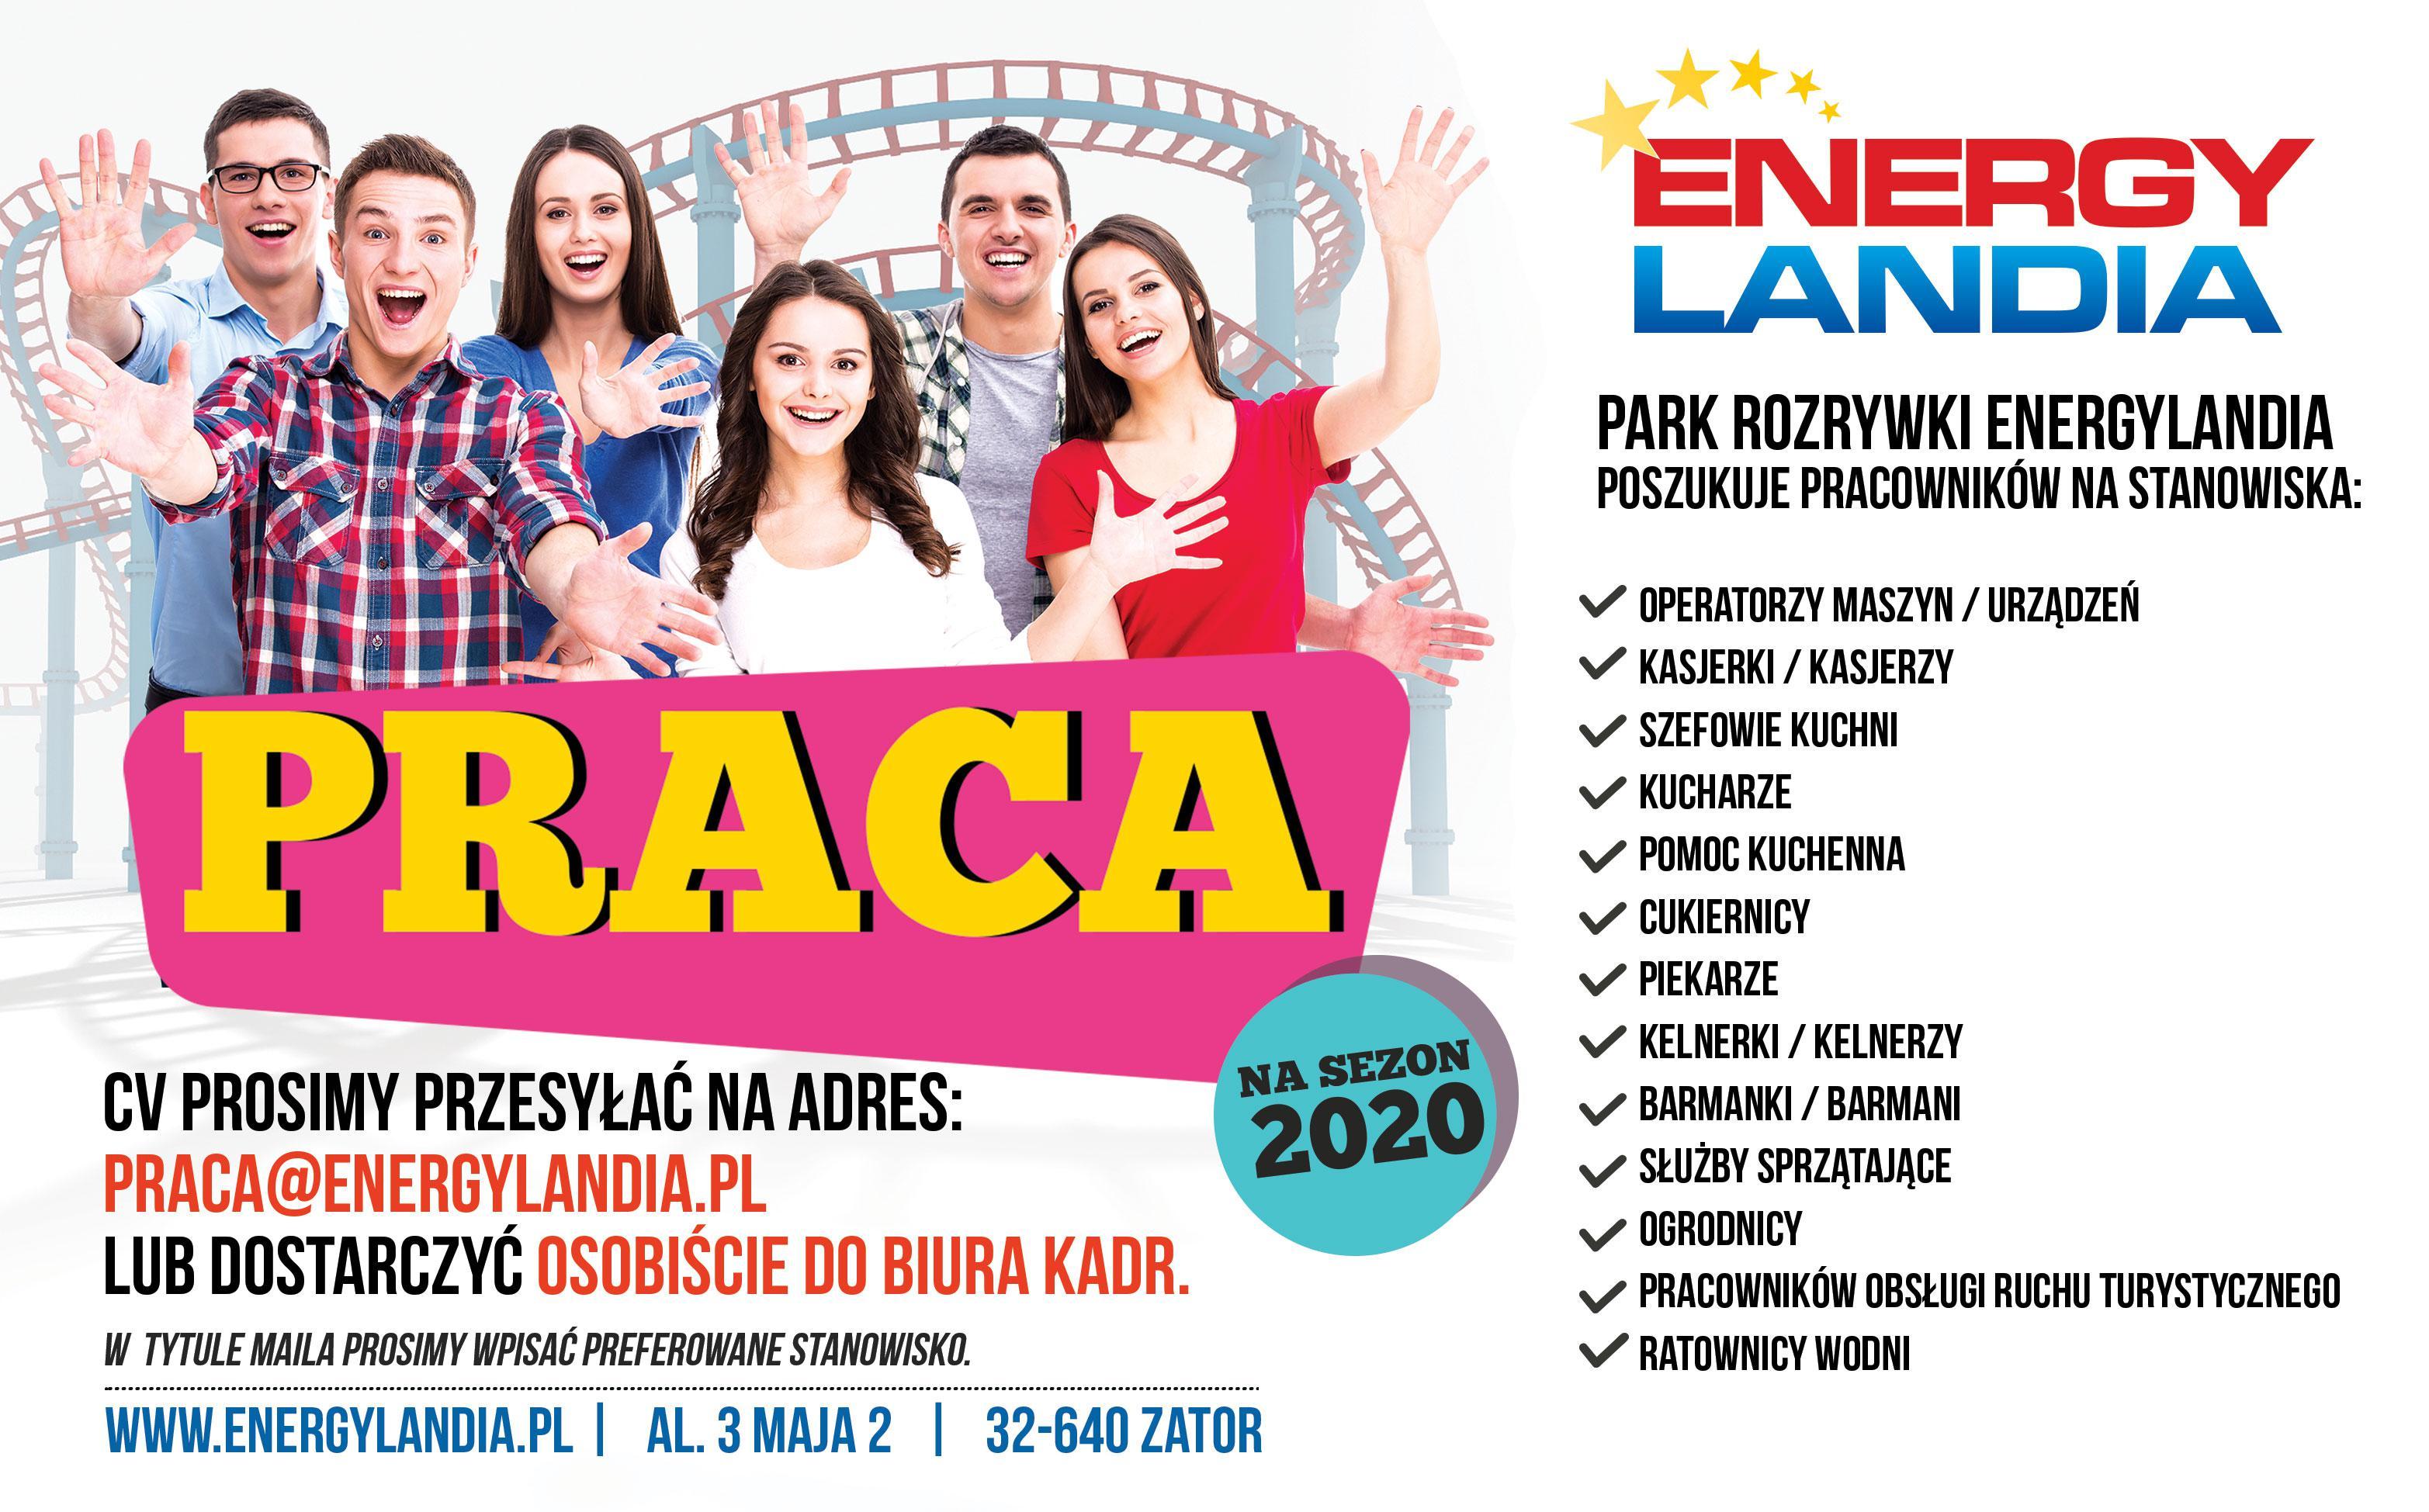 Nabór pracowników do Energylandii